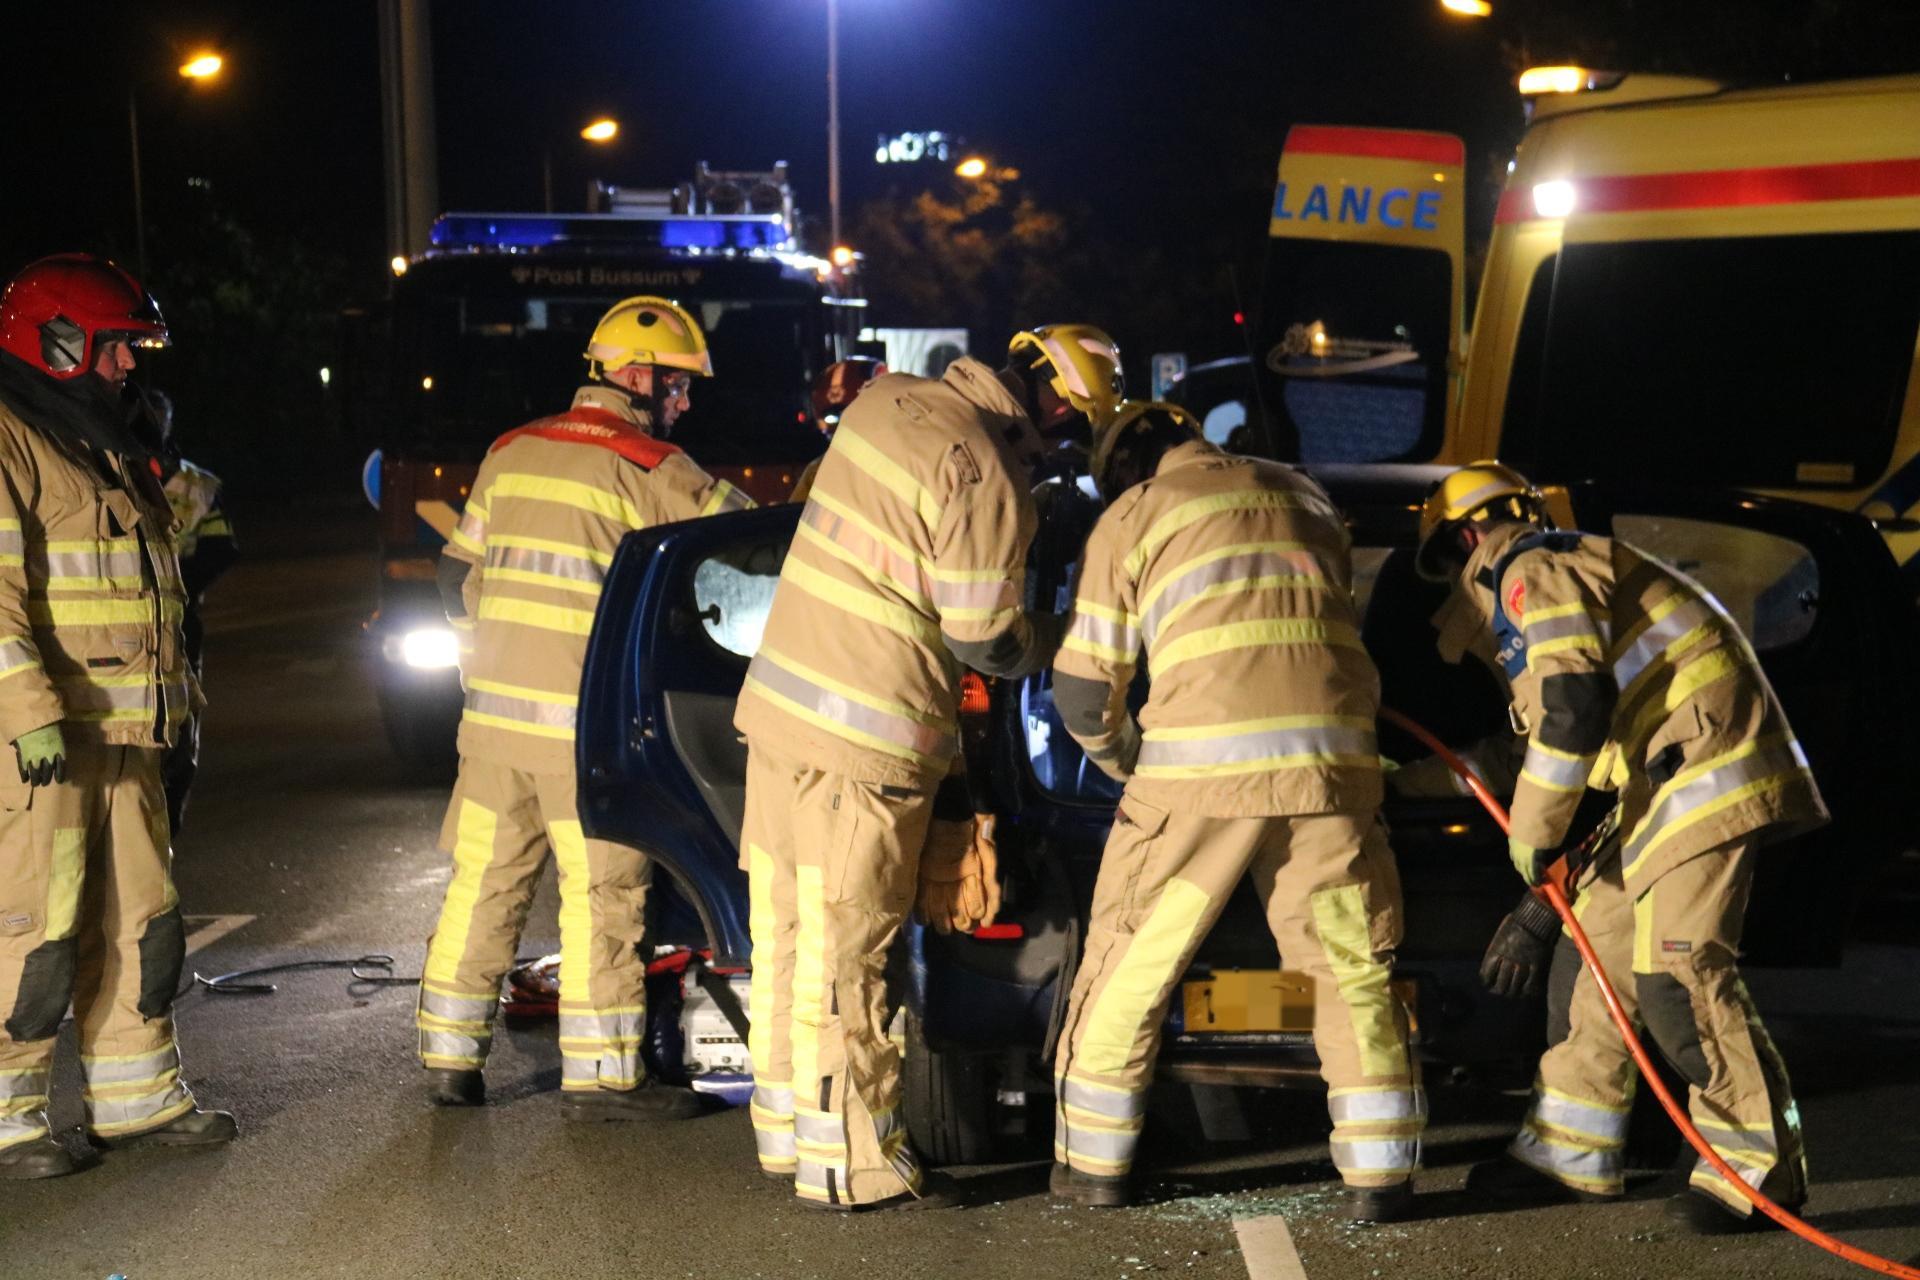 Brandweer bevrijdt persoon uit auto na ongeluk in Bussum; slachtoffer met spoed naar ziekenhuis